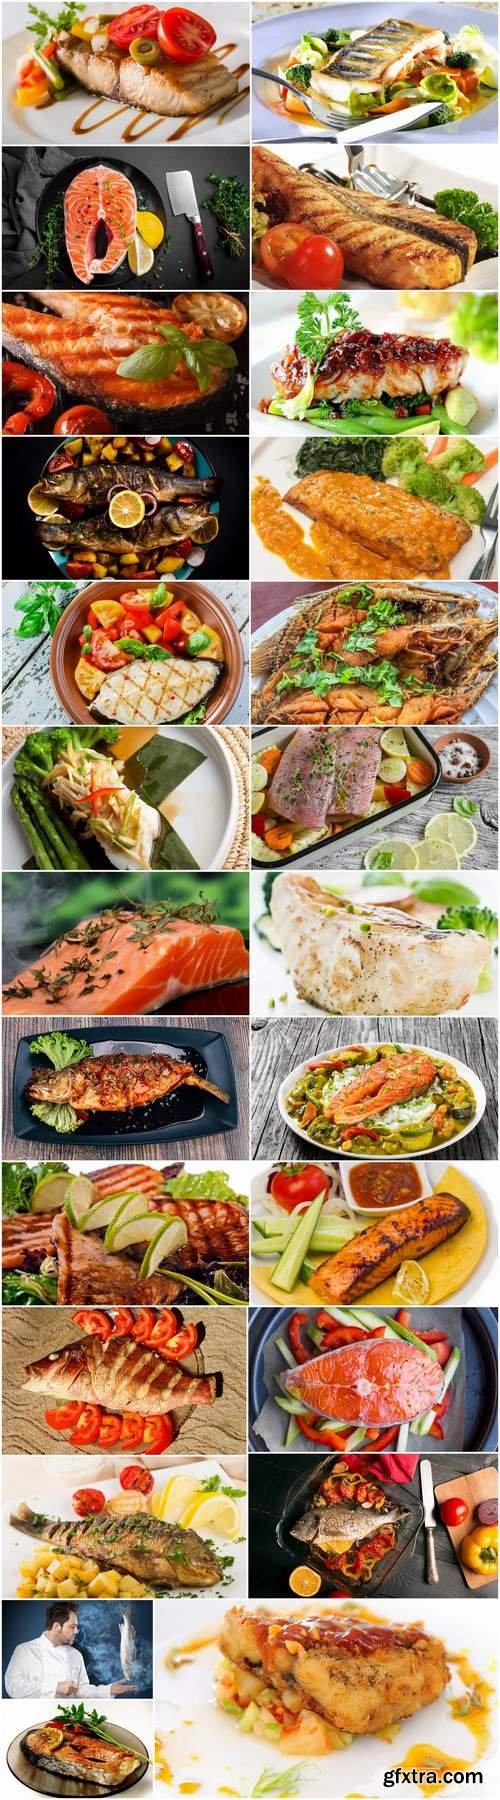 Steak grilled fish salmon tuna snapper 25 HQ Jpeg